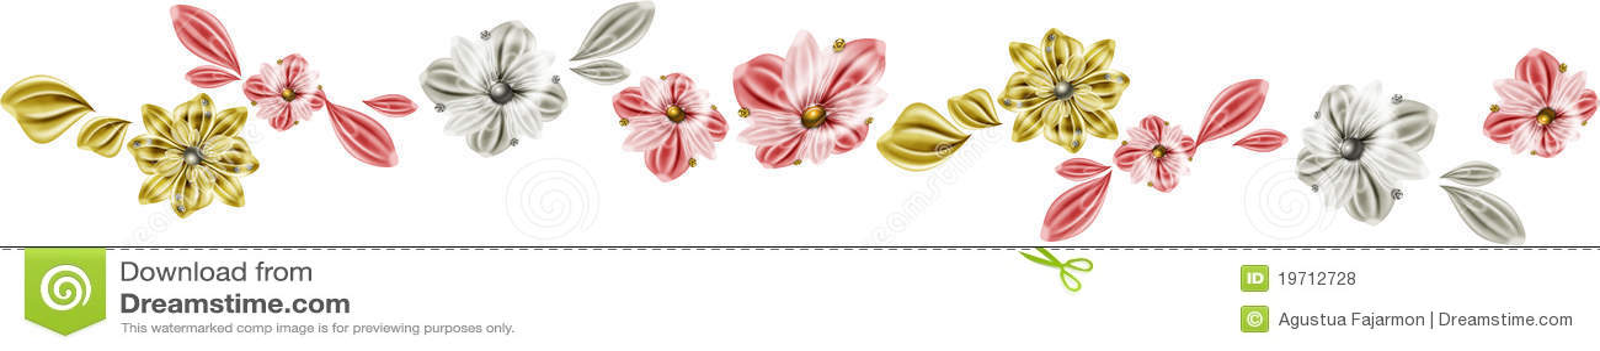 ligne de fleurs photos libres de droits image 19712728. Black Bedroom Furniture Sets. Home Design Ideas